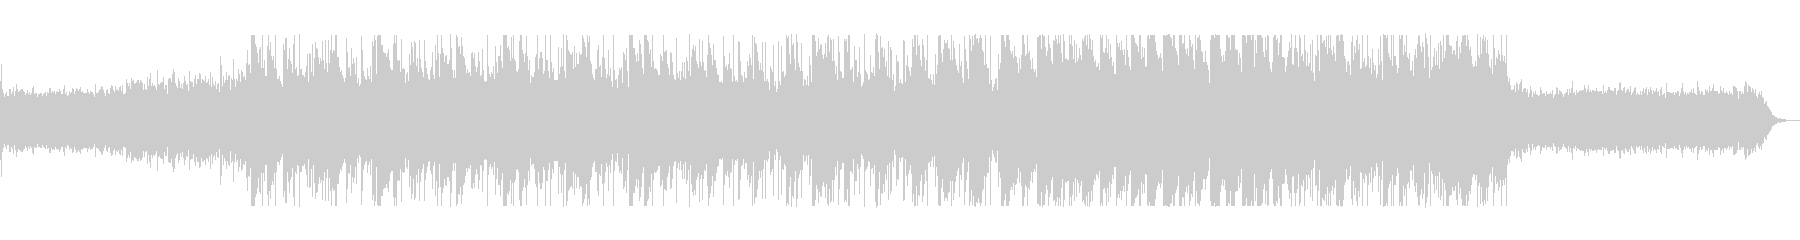 落ち着くゆったりとしたシンセサイザー曲の未再生の波形